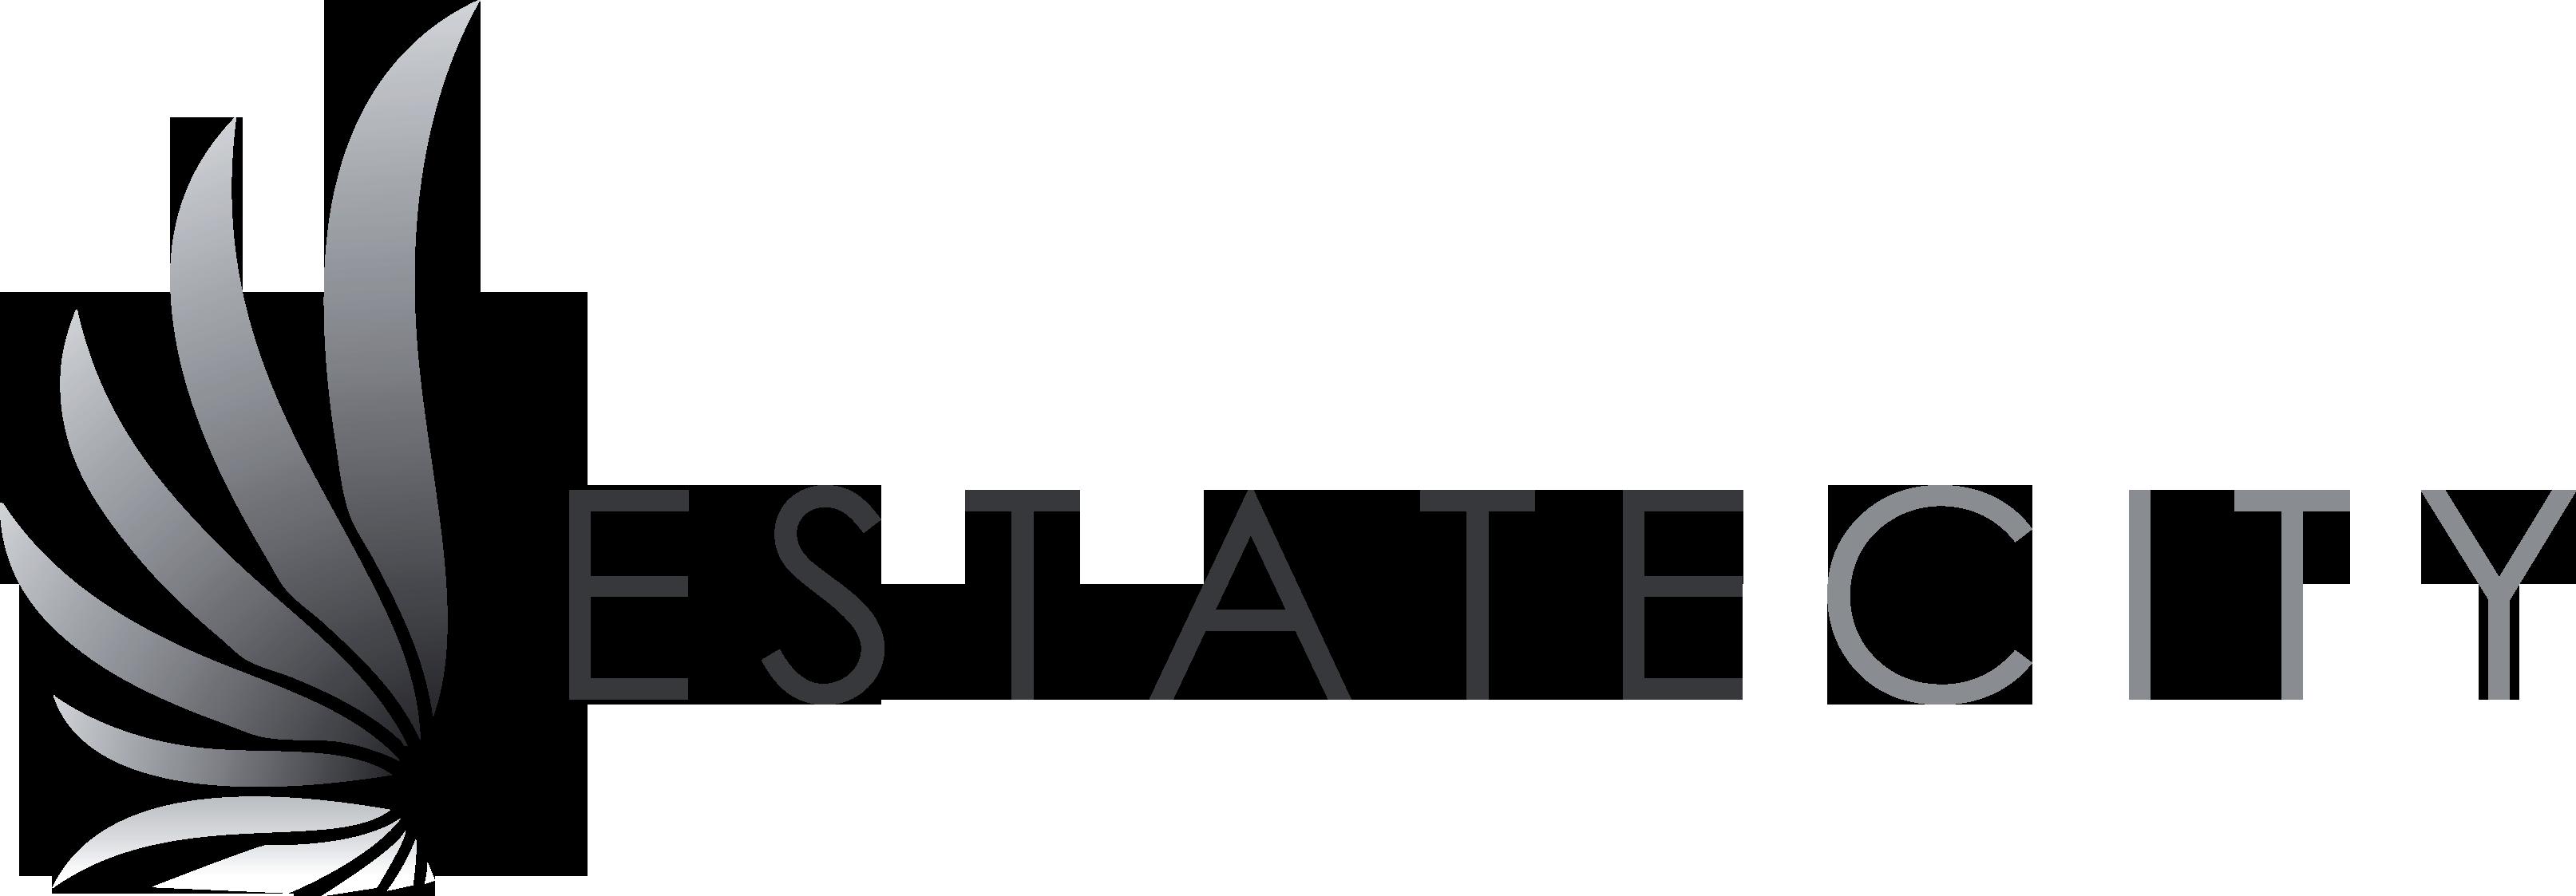 EstateCity | Real Estate & Investment